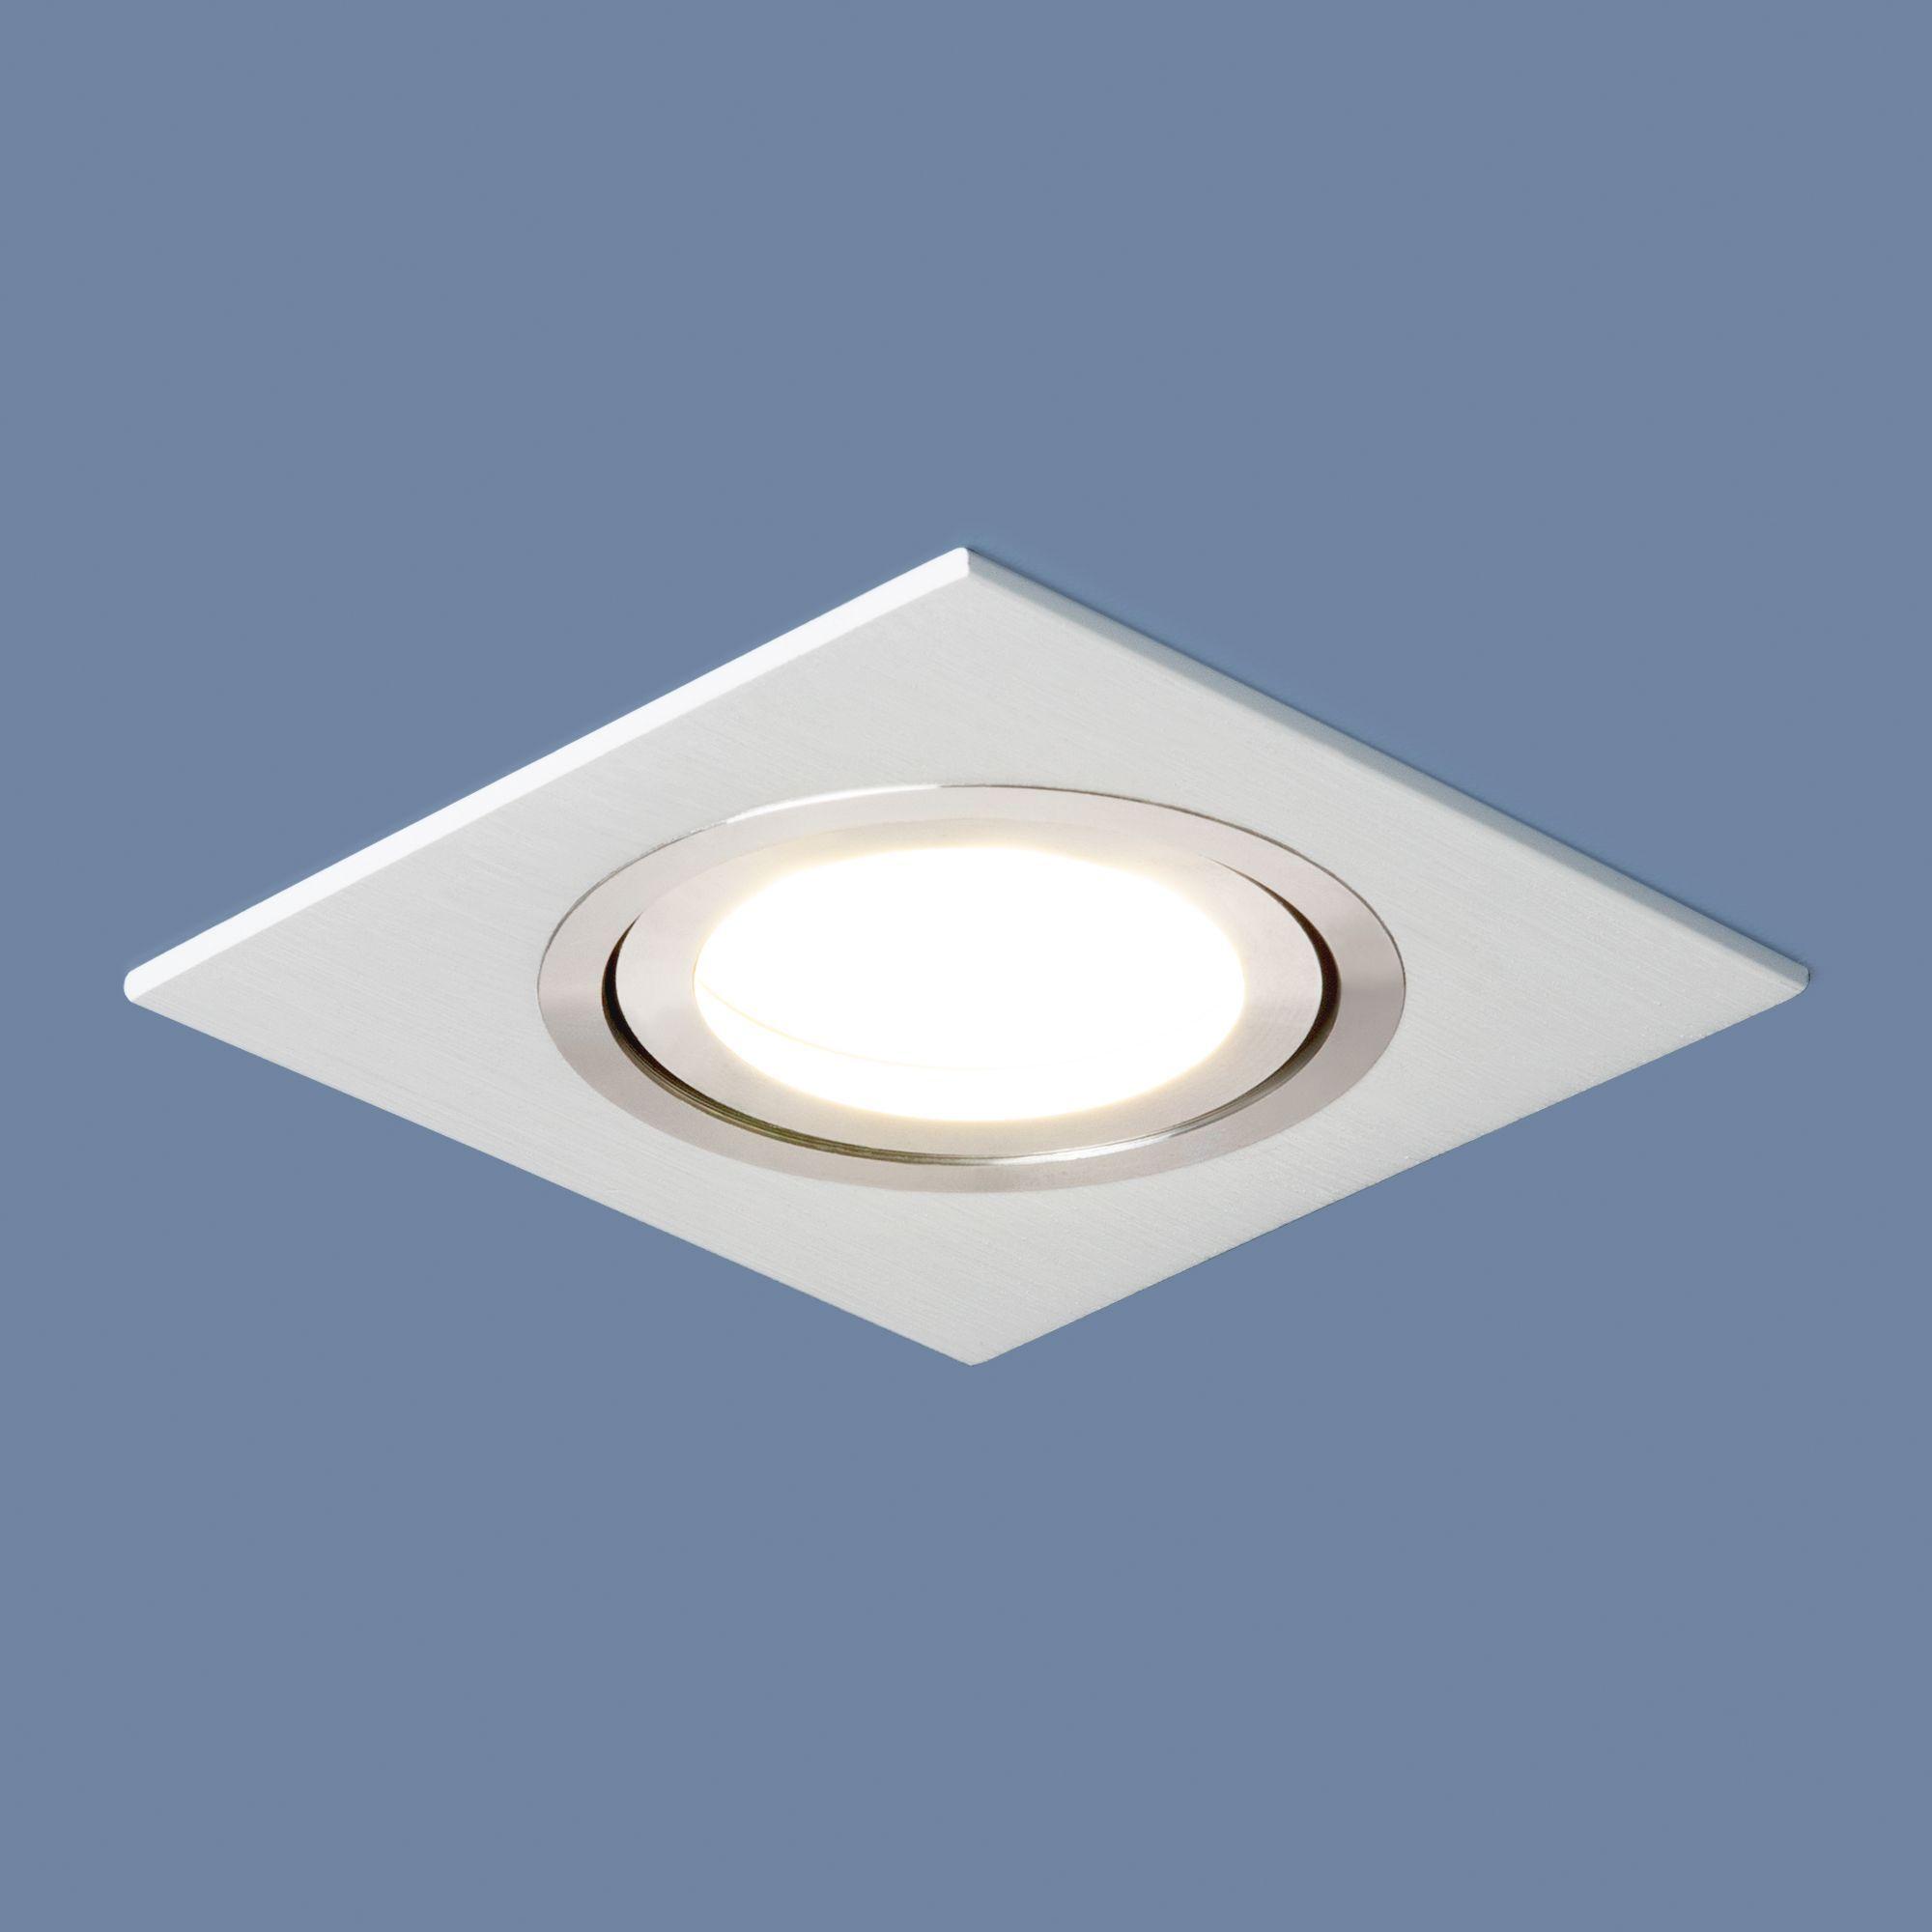 Точечный светильник поворотный 1051/1 WH белый